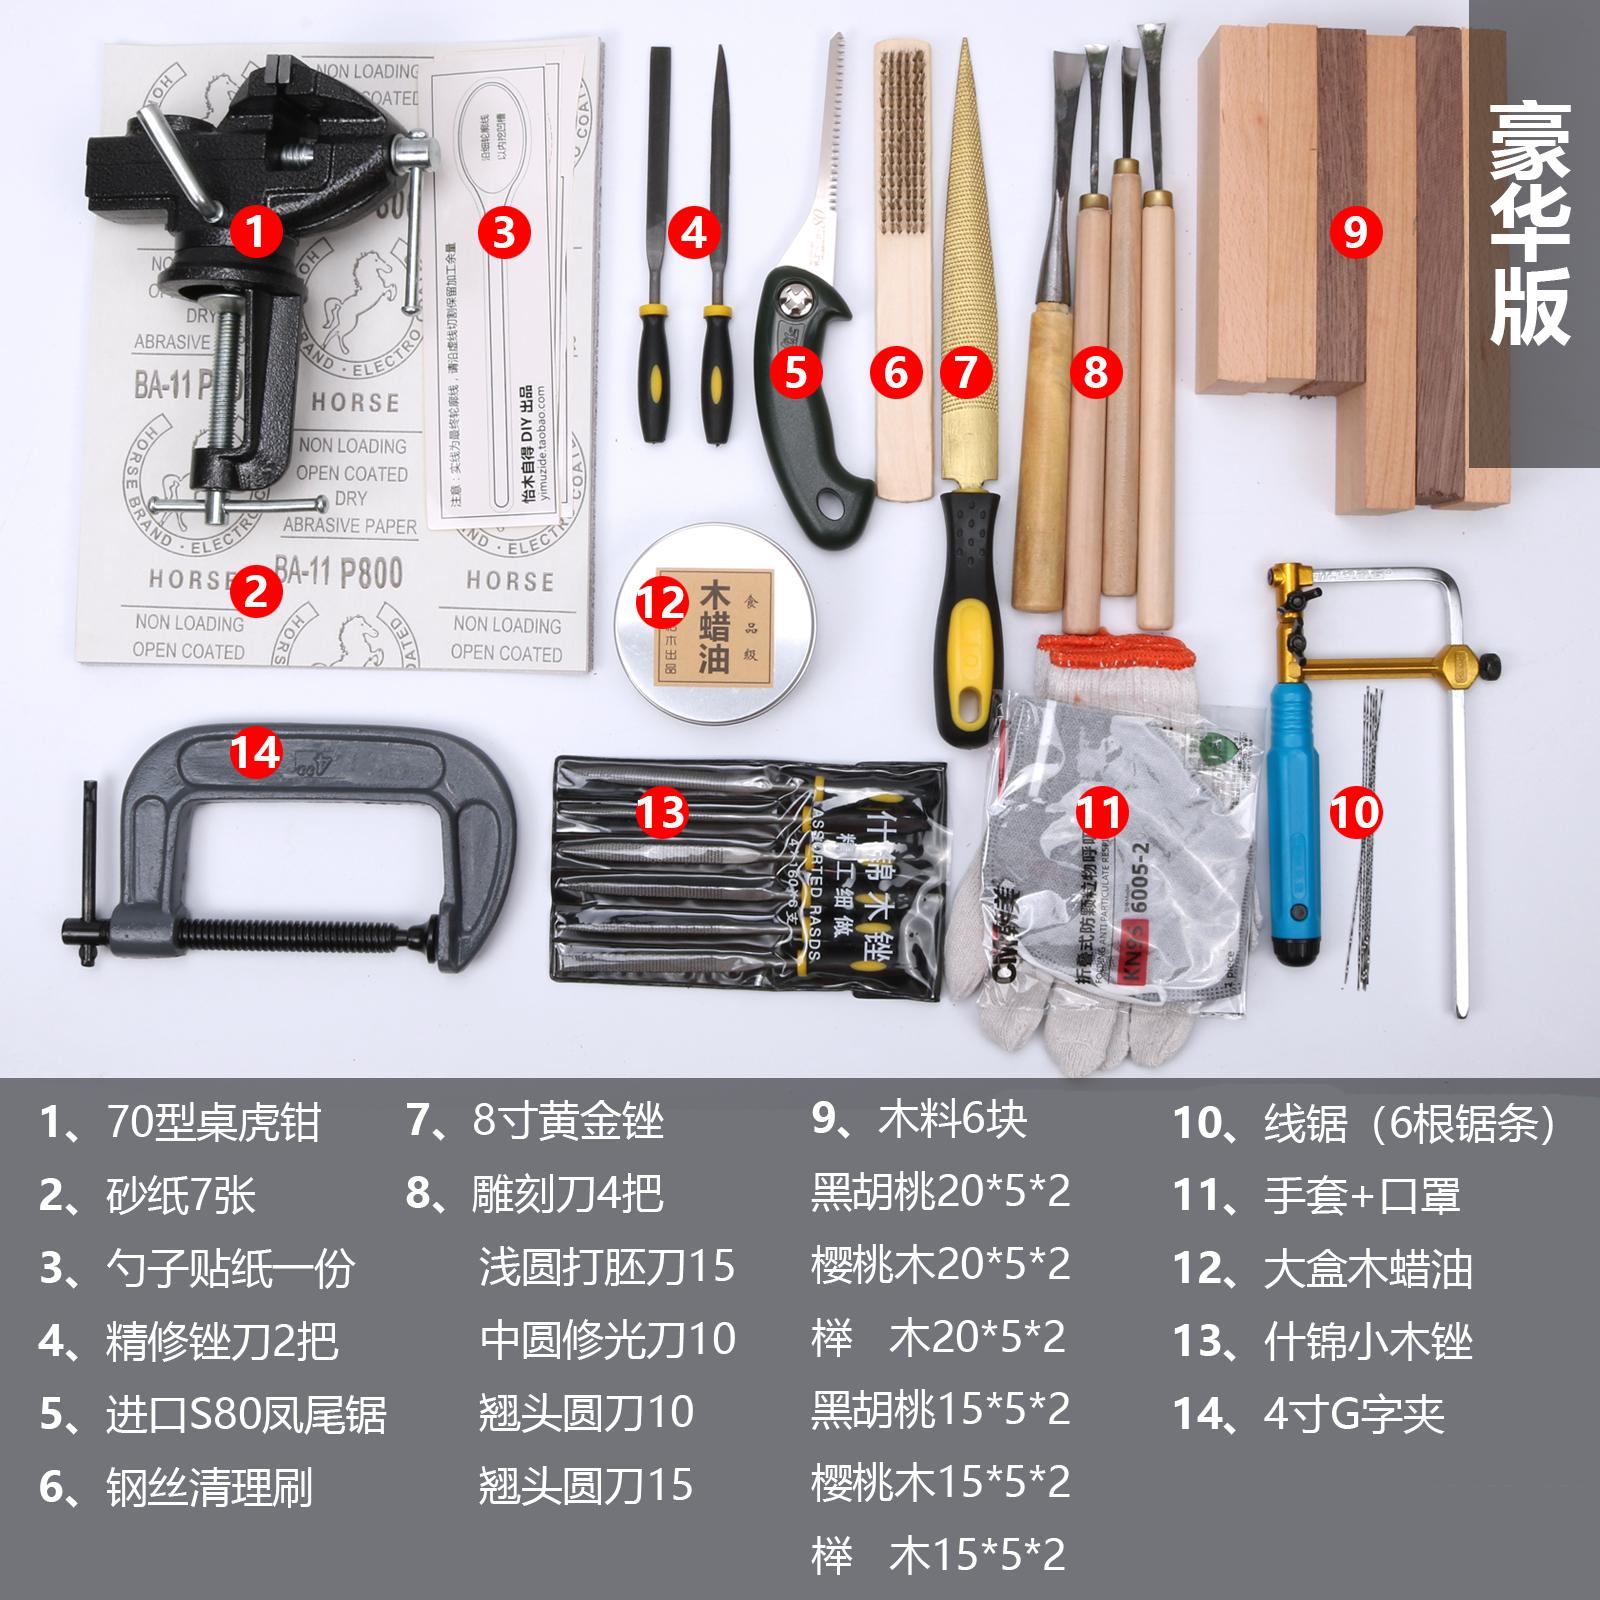 木工DIY工具套装 木雕入门挖勺子雕刻刀挖勺木料木勺手工制作材料